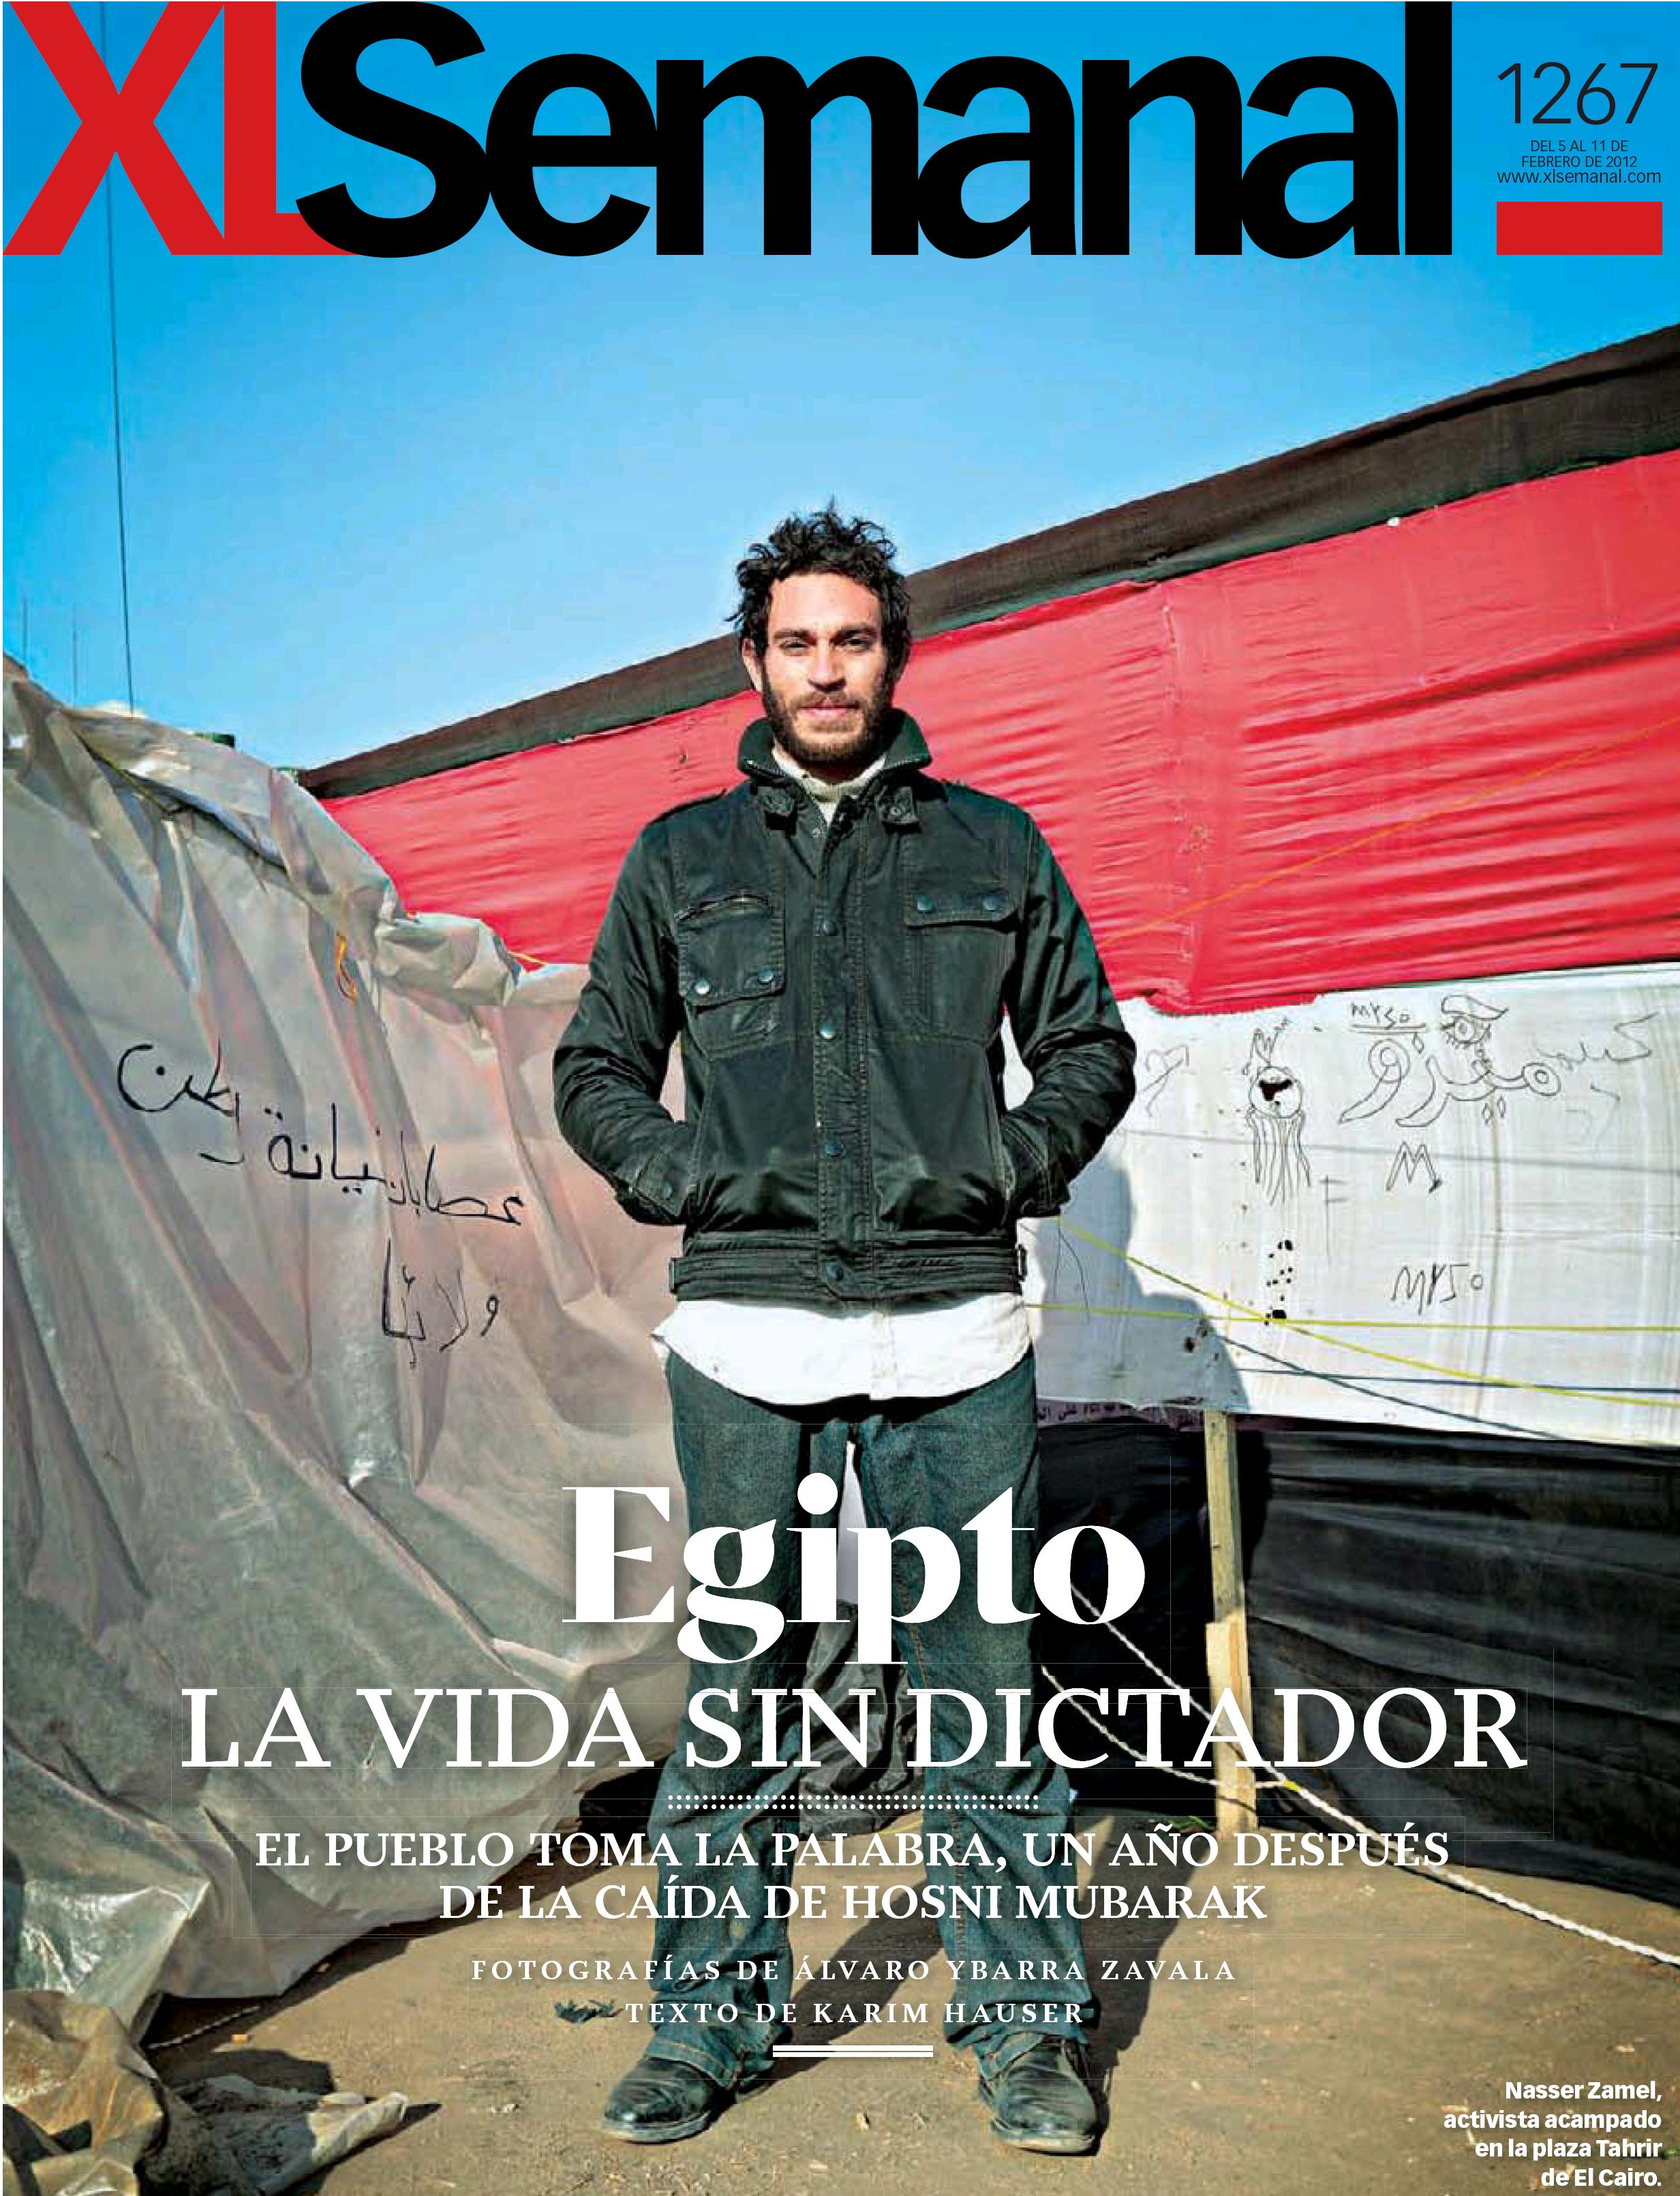 XL SEMANAL portada 5 febrero 2012